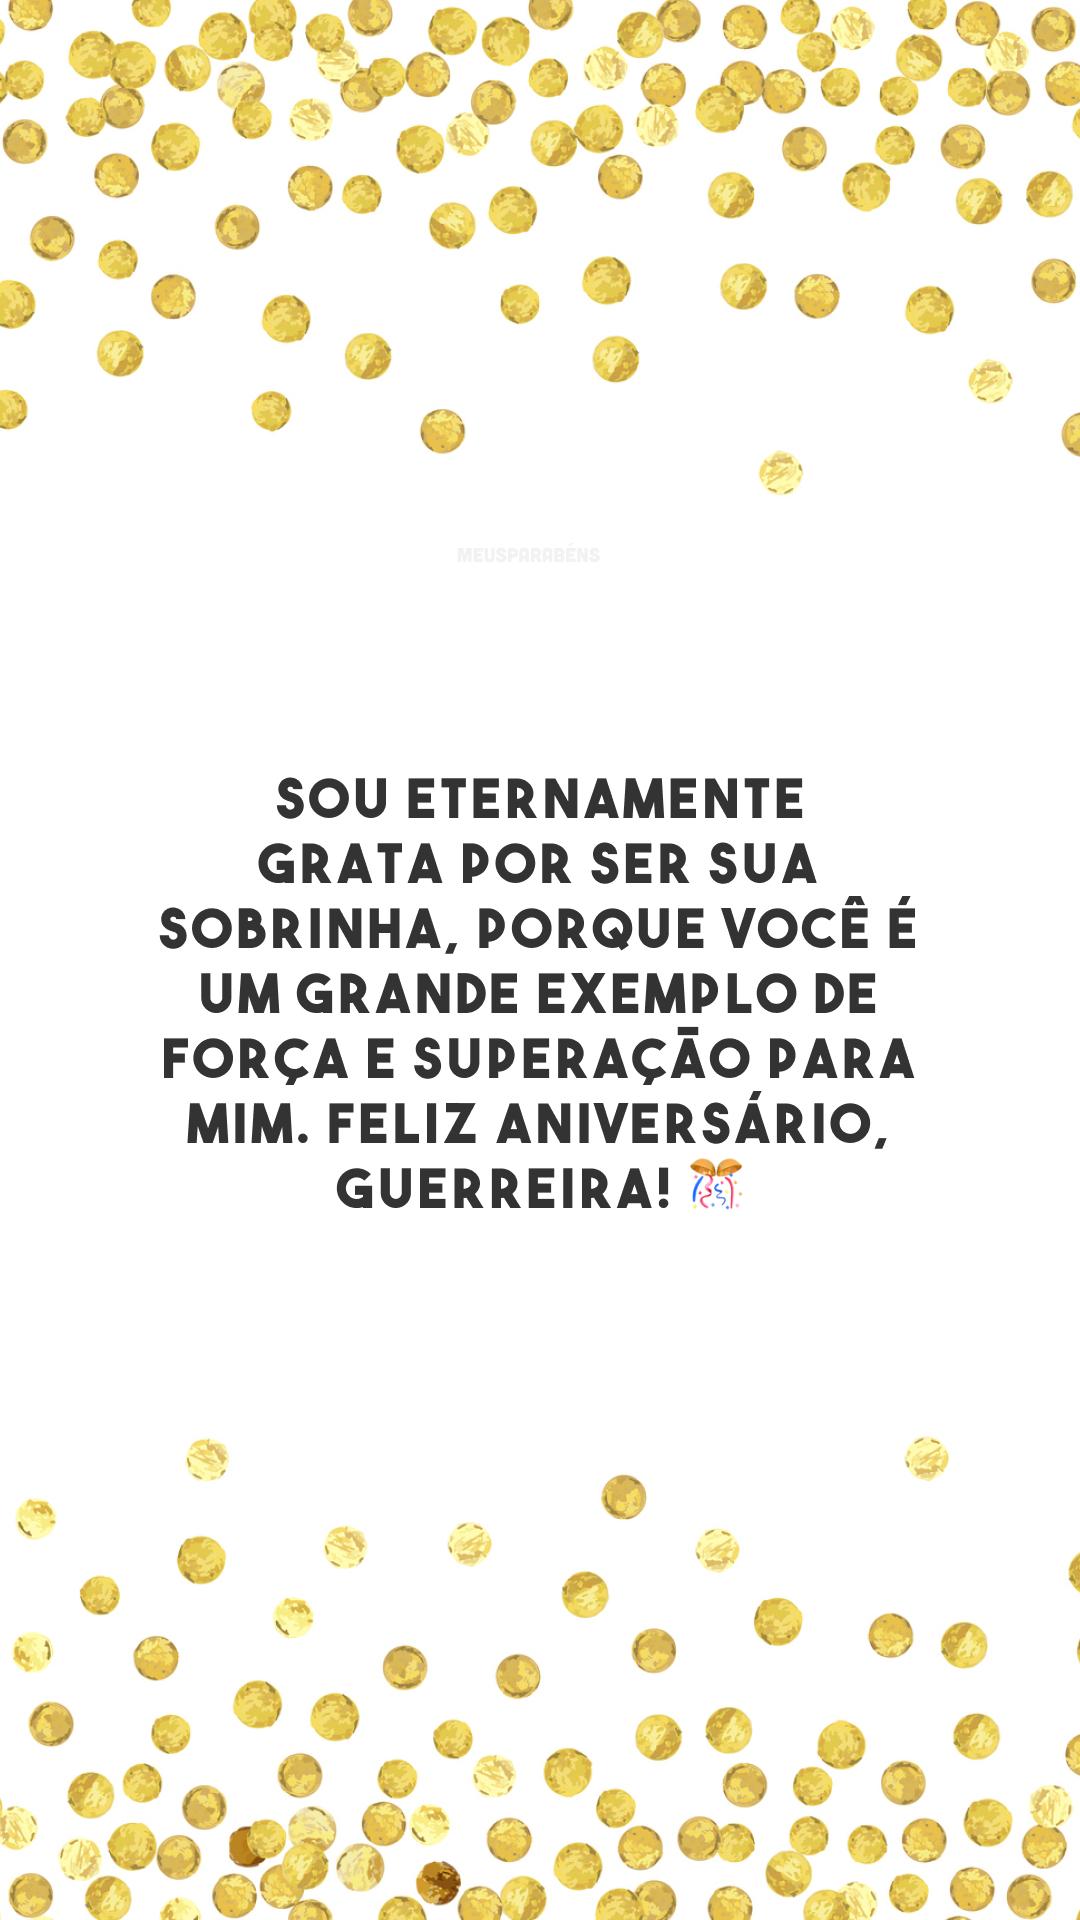 Sou eternamente grata por ser sua sobrinha, porque você é um grande exemplo de força e superação para mim. Feliz aniversário, guerreira! 🎊